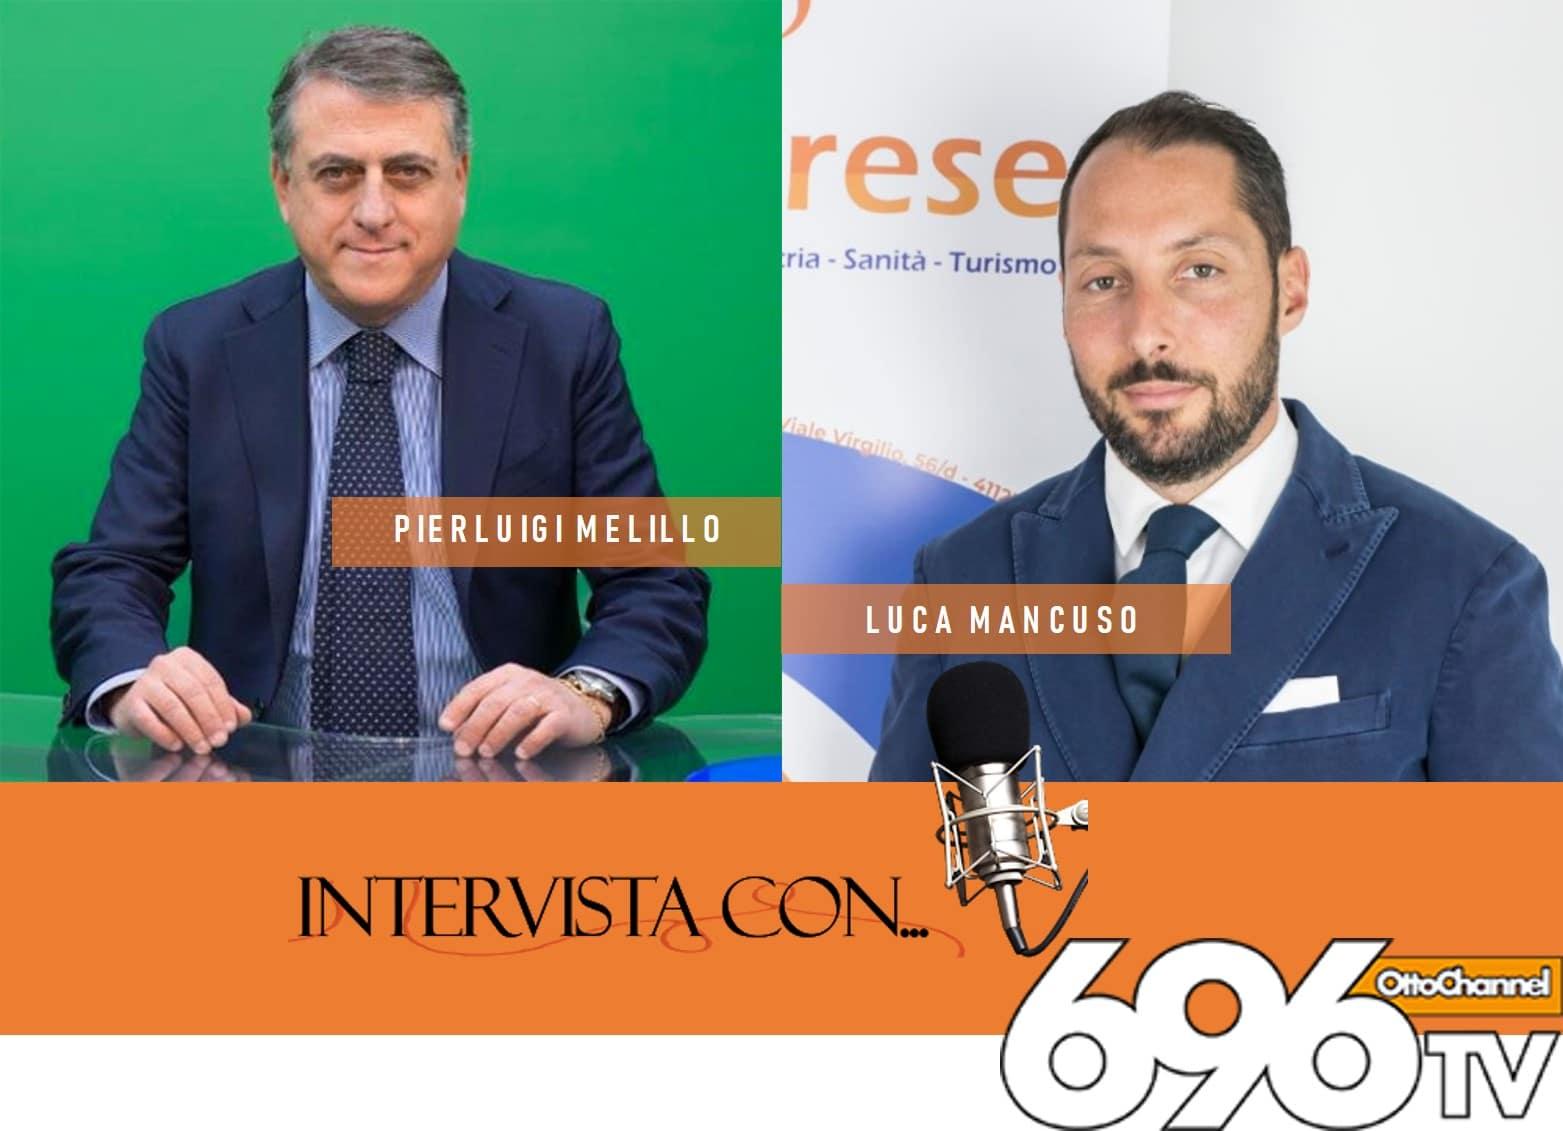 ospiti di OttoChannel nota TV della Campania per parlare della crisi delle nostre povere impresse, con l'esperto e preparato giornalista Pierluigi Melillo.